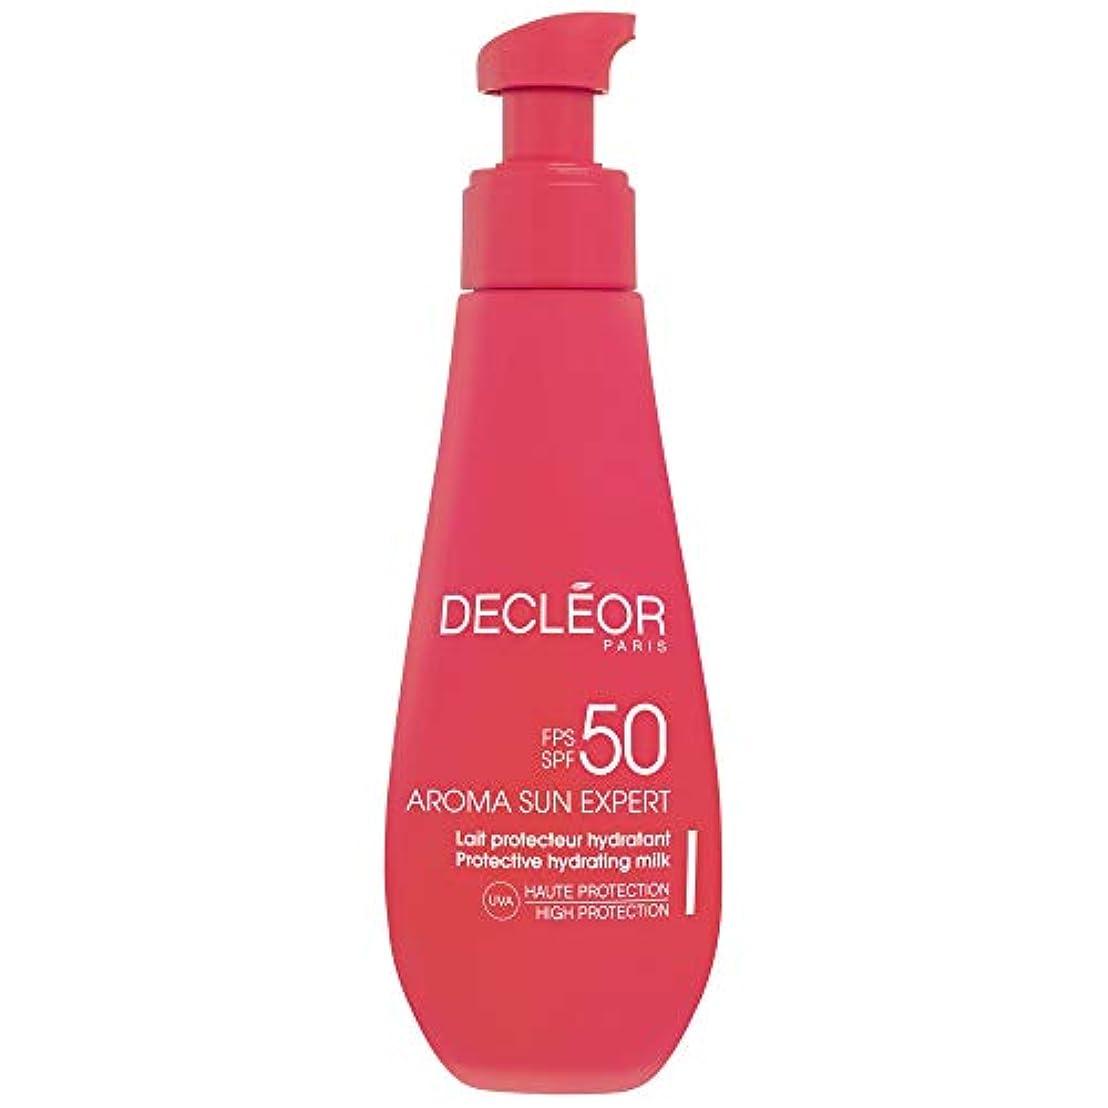 代表保証ふつう[Decl?or ] デクレオールアロマ日の専門家で超保護抗シワクリームSpf50 - ボディローション150Ml - Decl?or Aroma Sun Expert Ultra Protective Anti-Wrinkle...